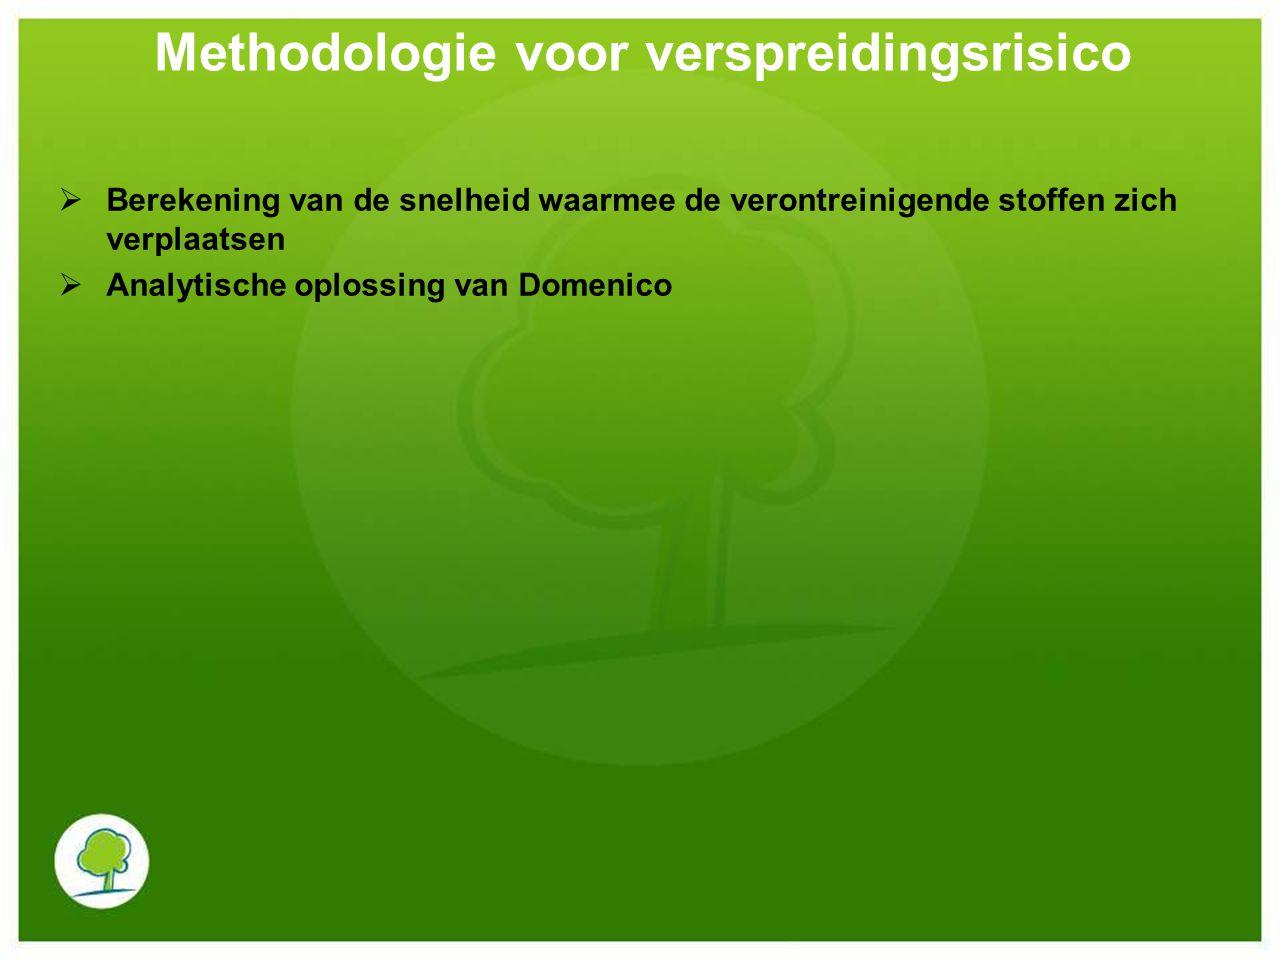  Berekening van de snelheid waarmee de verontreinigende stoffen zich verplaatsen Horizontale stromingssnelheid van het grondwater: Vd = -K.dh/dl Waarbij:Vd: Darcy-snelheid (m/dag) K: hydraulische geleidbaarheid (m/dag) Dh/dl: hydraulische gradiënt Methodologie voor verspreidingsrisico